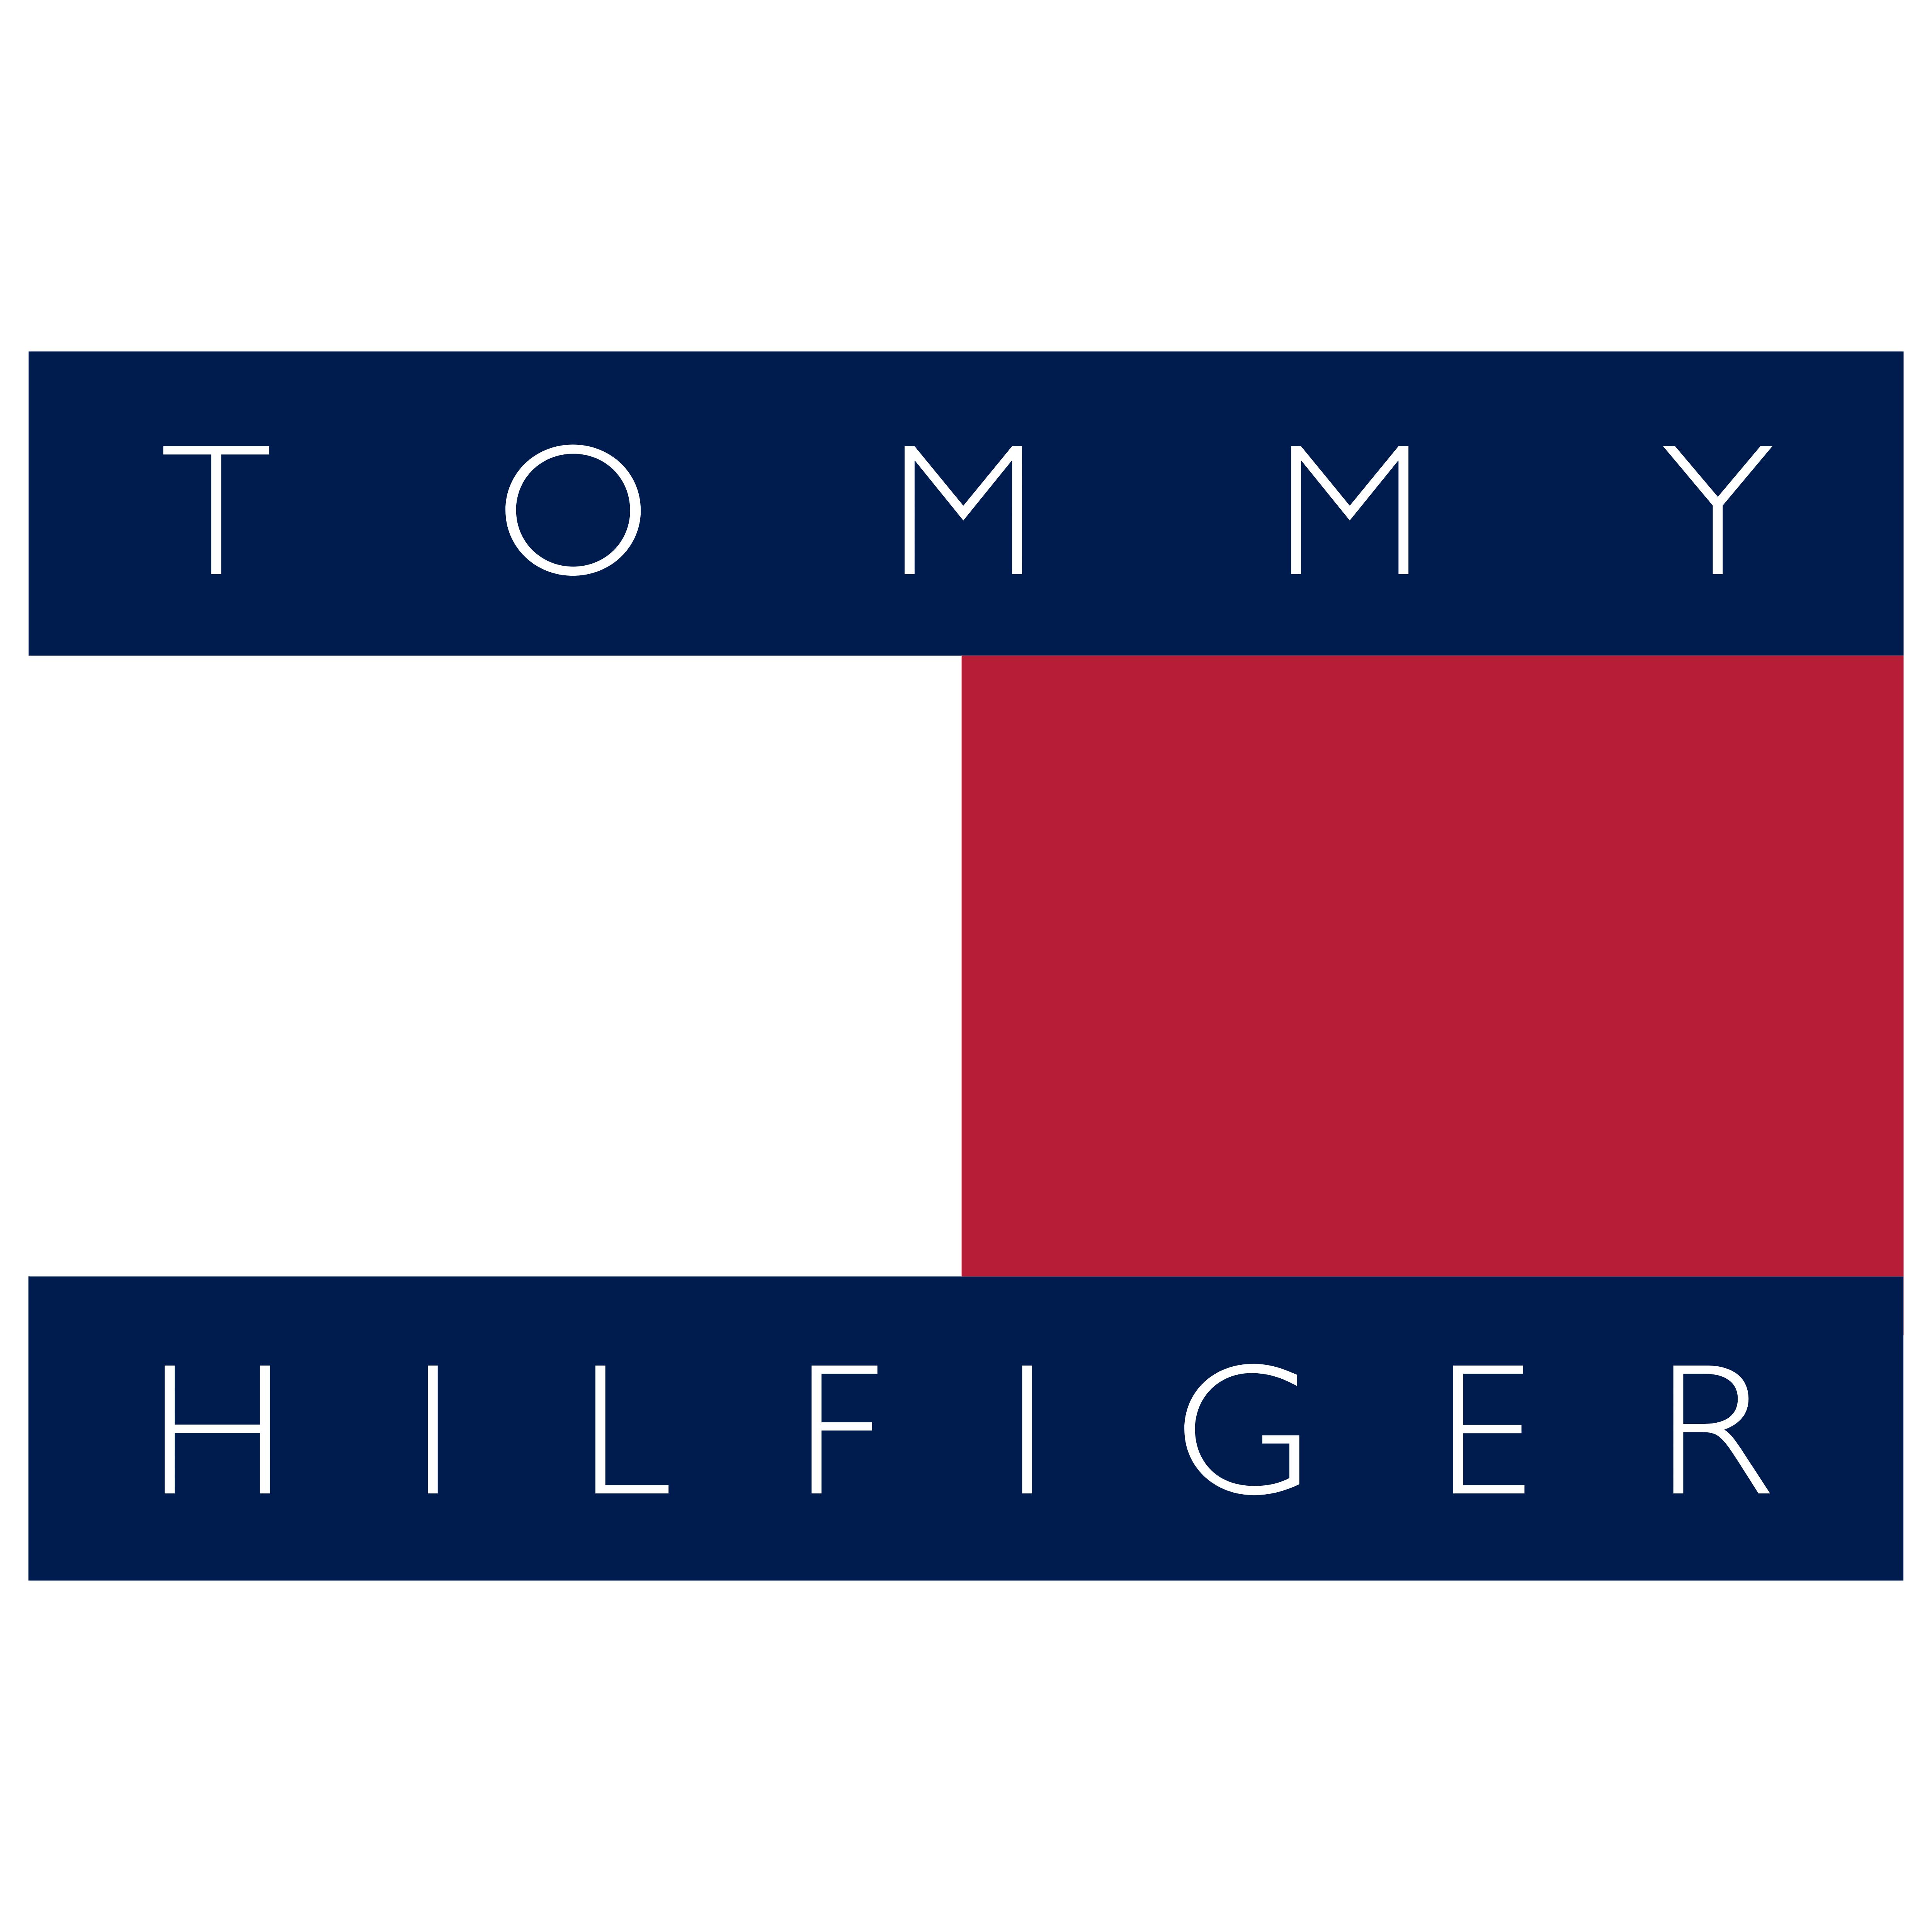 Tommy Hilfiger Logos Download